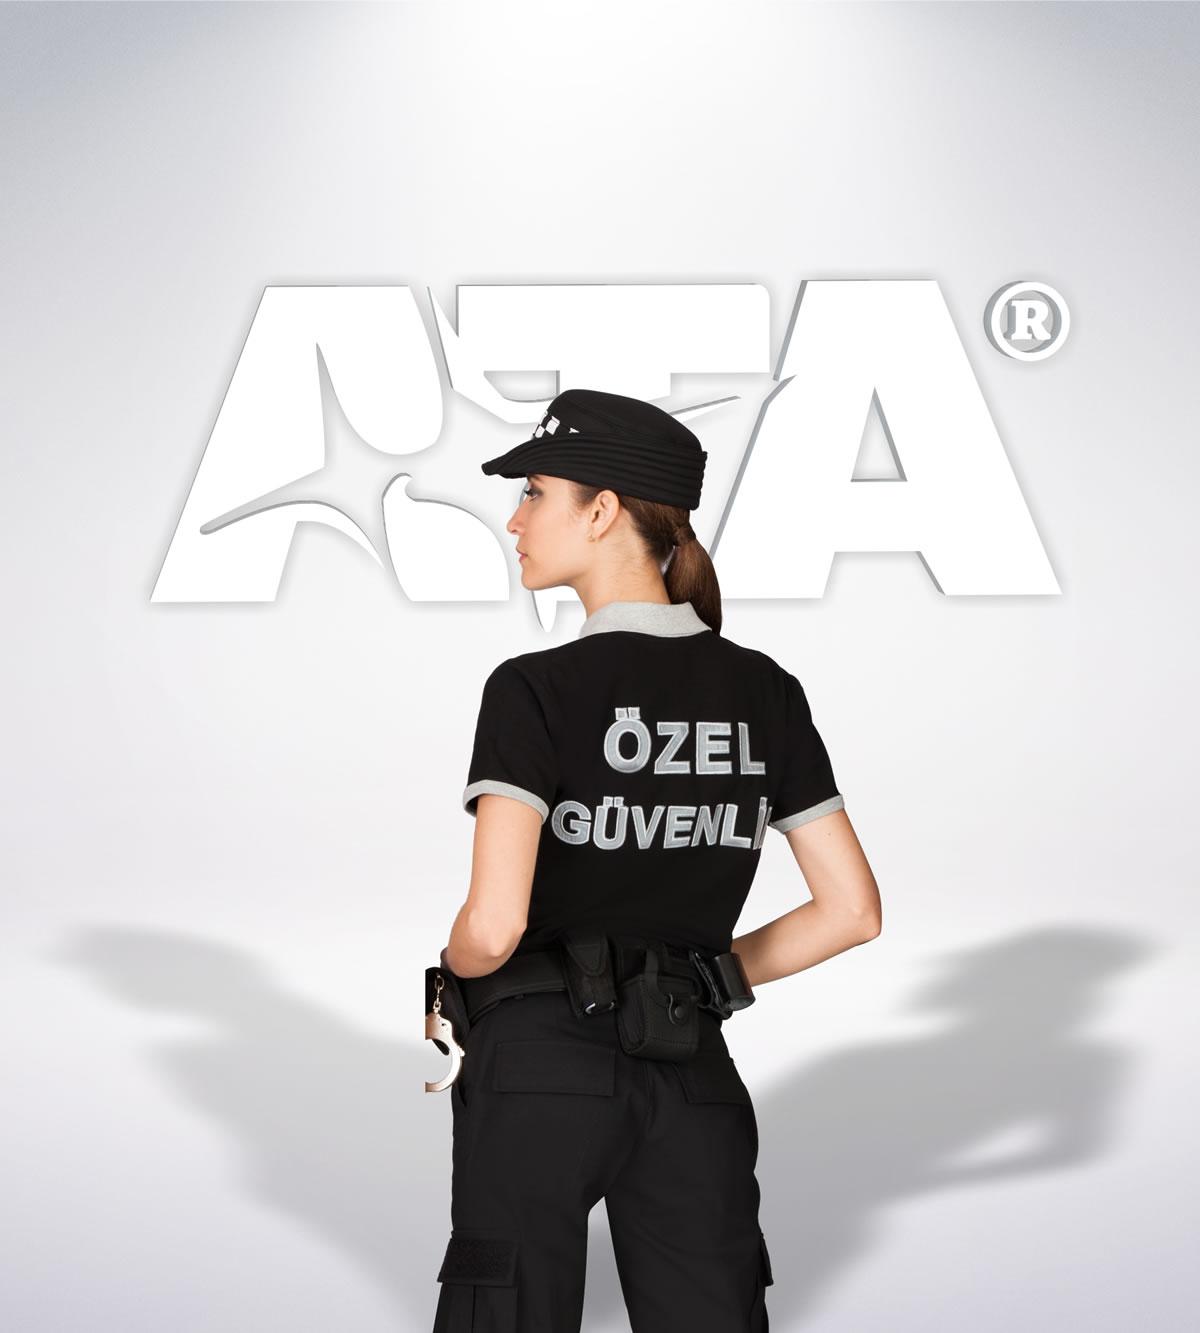 ATA 106 - ribstop kumaş pantolon - t-shirt - aksesuar - güvenlik elbiseleri | güvenlik üniformaları | güvenlik kıyafetleri